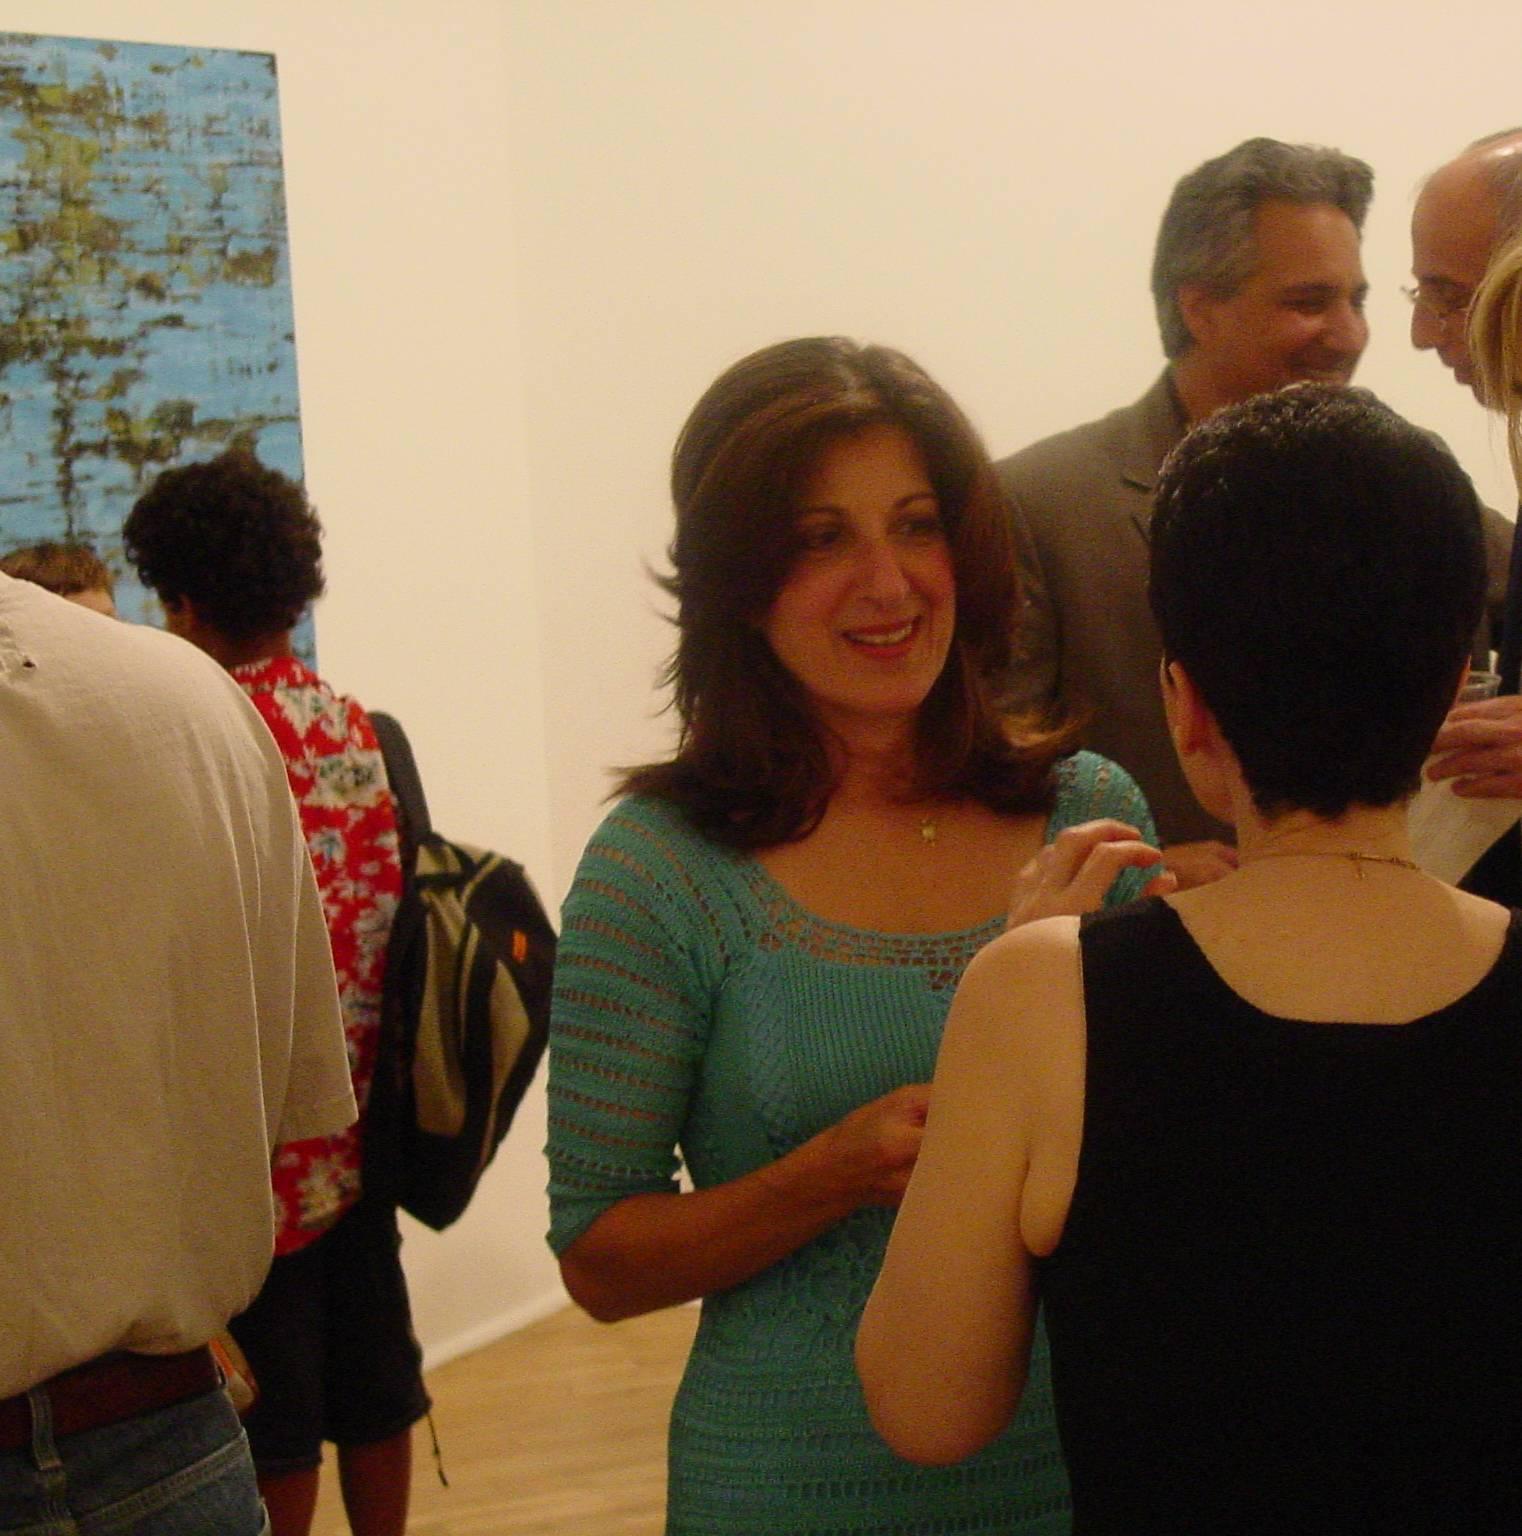 Opening Reception at Cheryl Pelavin Fine Arts, September 5th, 2002.